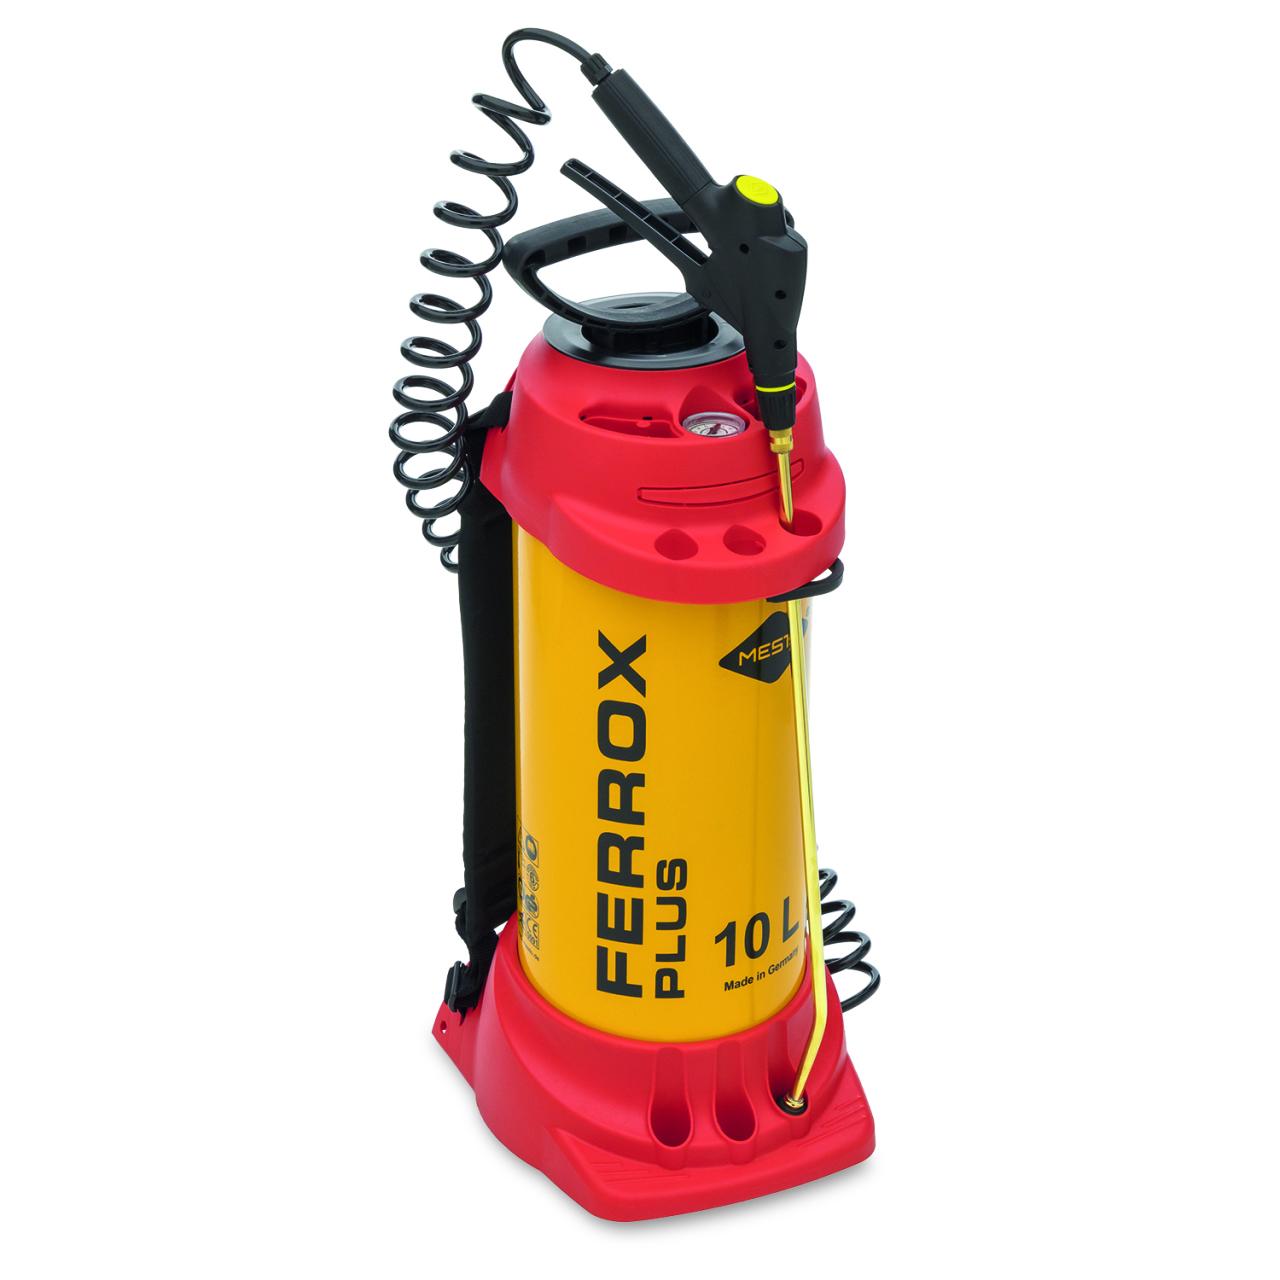 Hochdrucksprühgerät FERROX PLUS 10,0L mit zusätzlichem Füllventil FPM 3585F